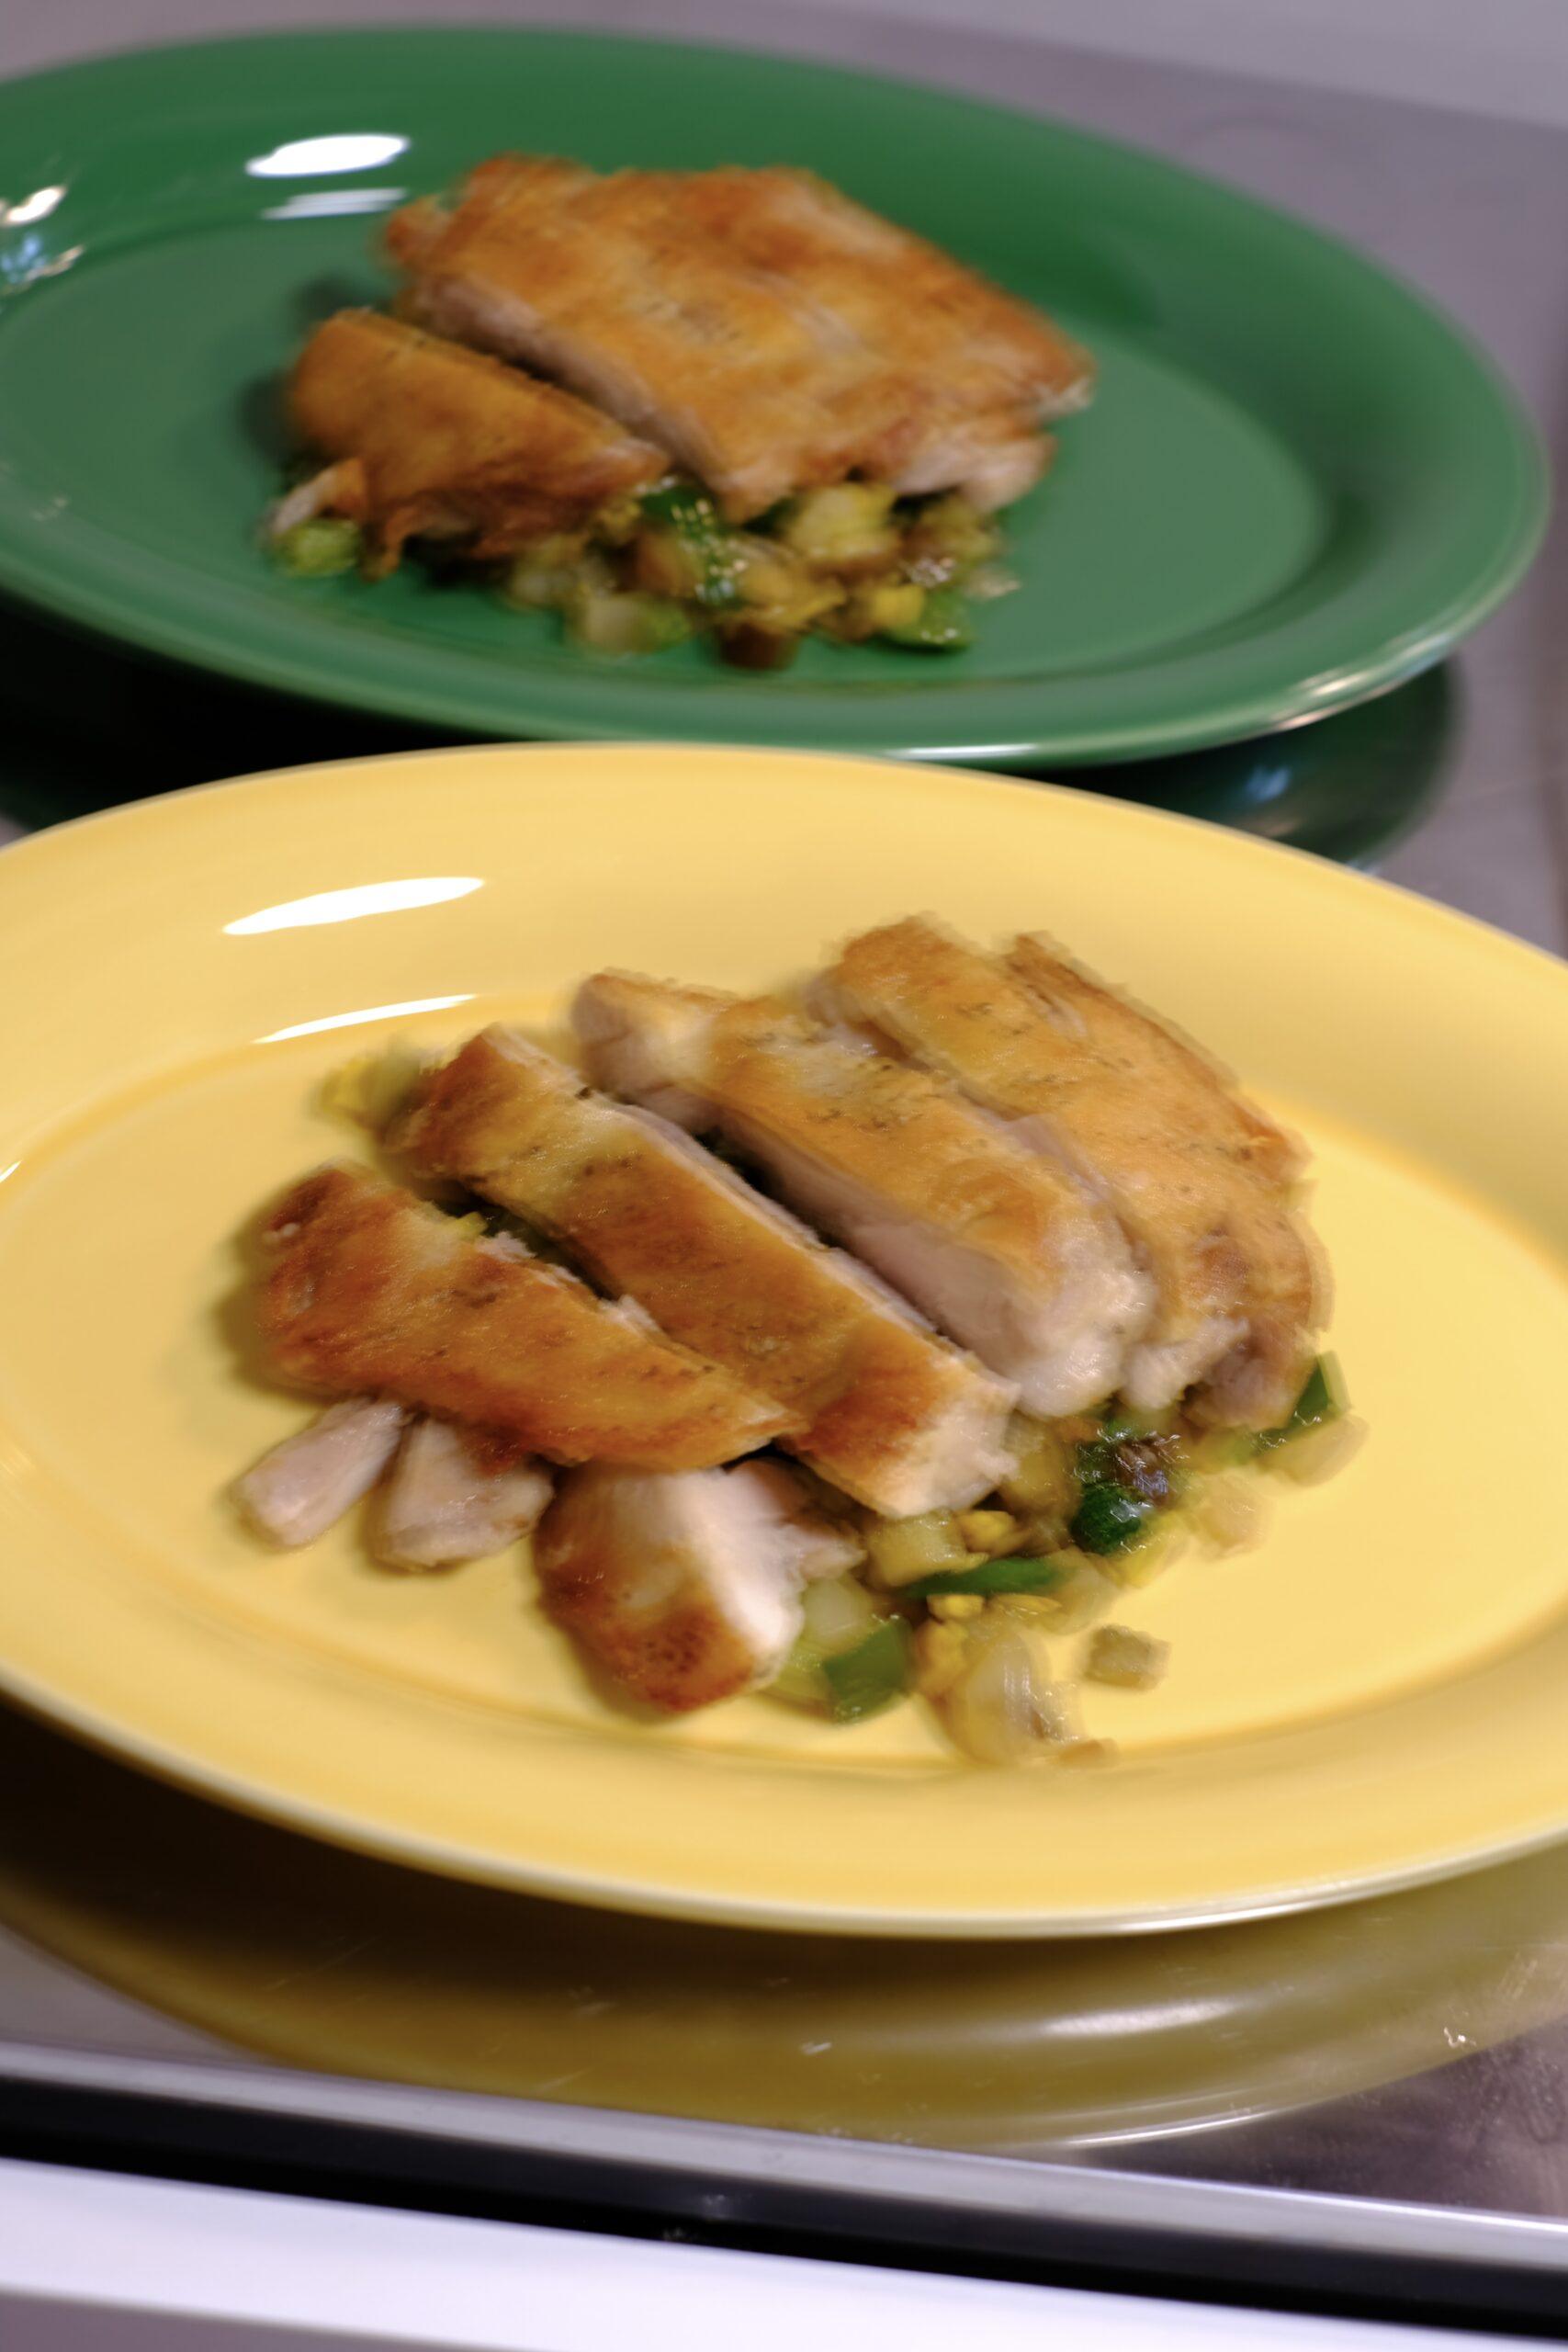 夏野菜のソテーの上にカットした鶏もも肉を盛り付けた様子の画像です